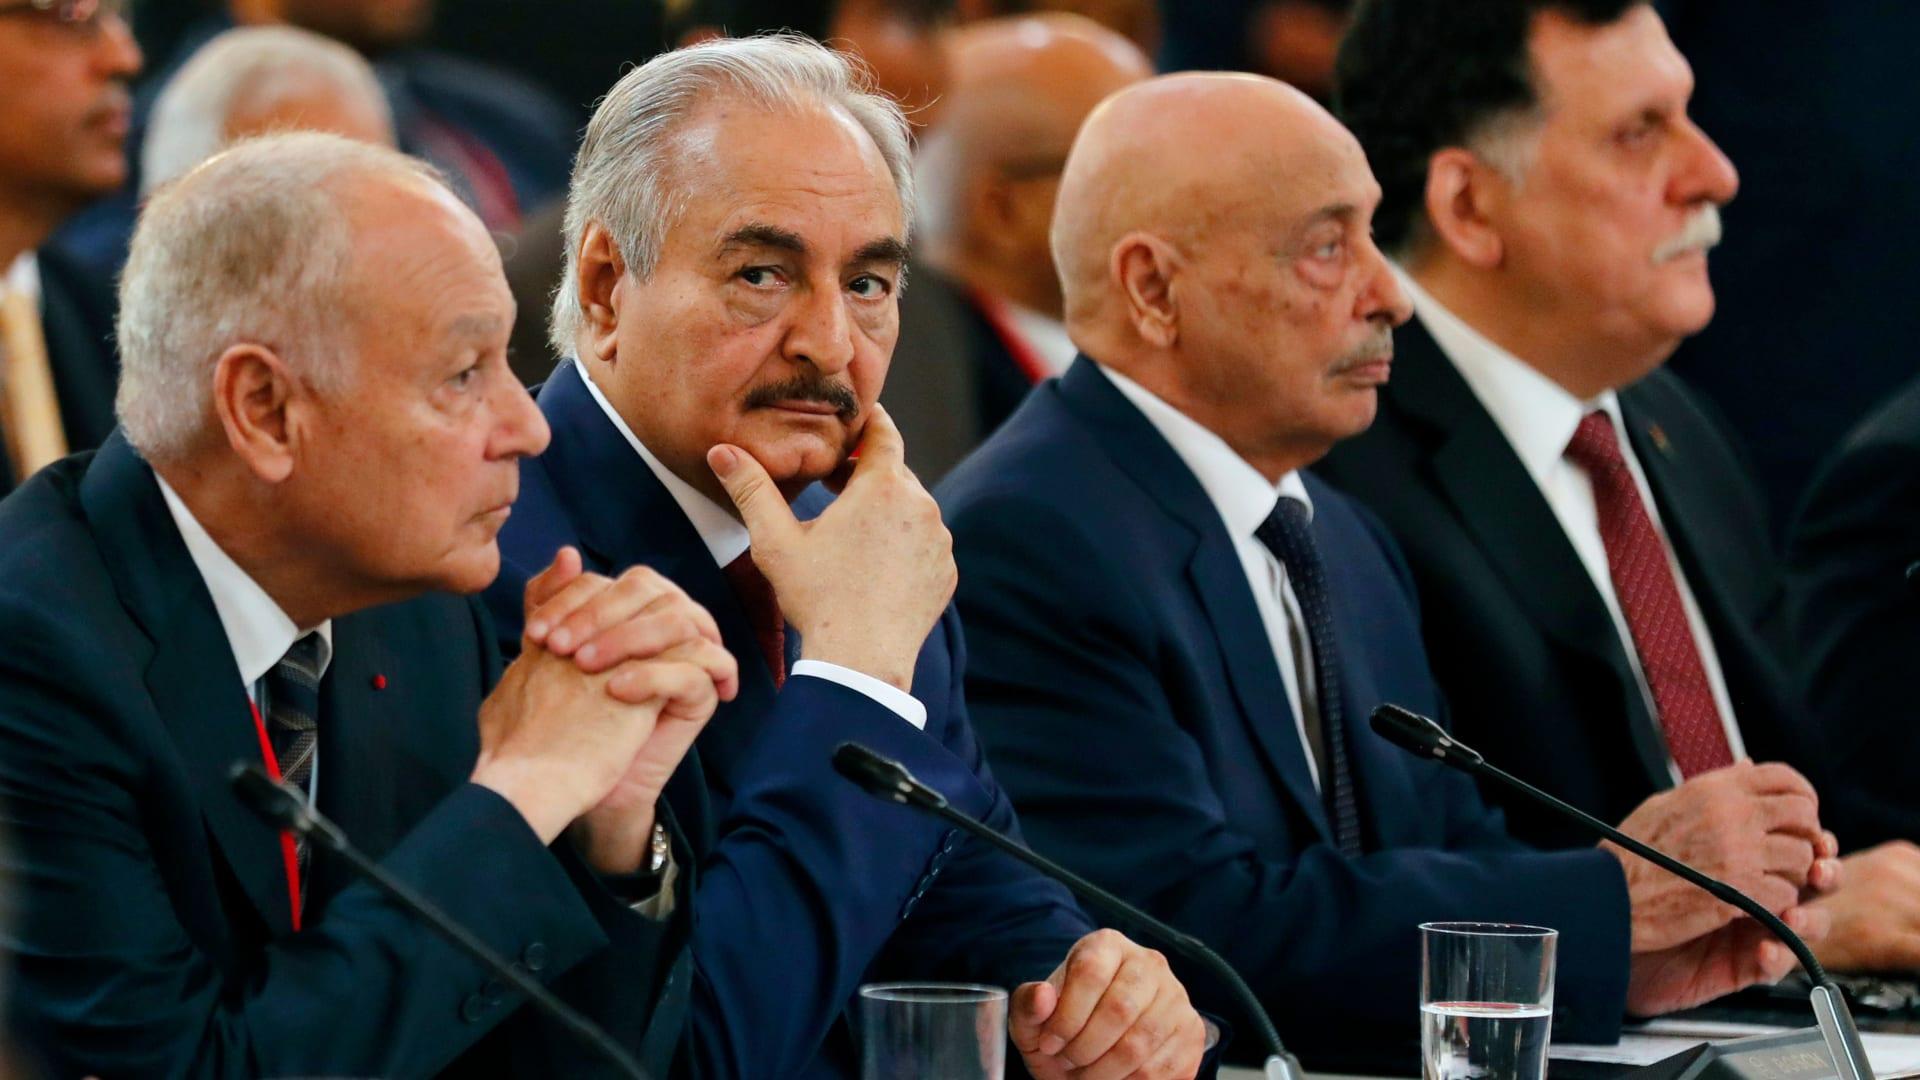 ليبيا.. حفتر يتوصل إلى اتفاق مع السفير الأمريكي لإعادة تشغيل قطاع النفط